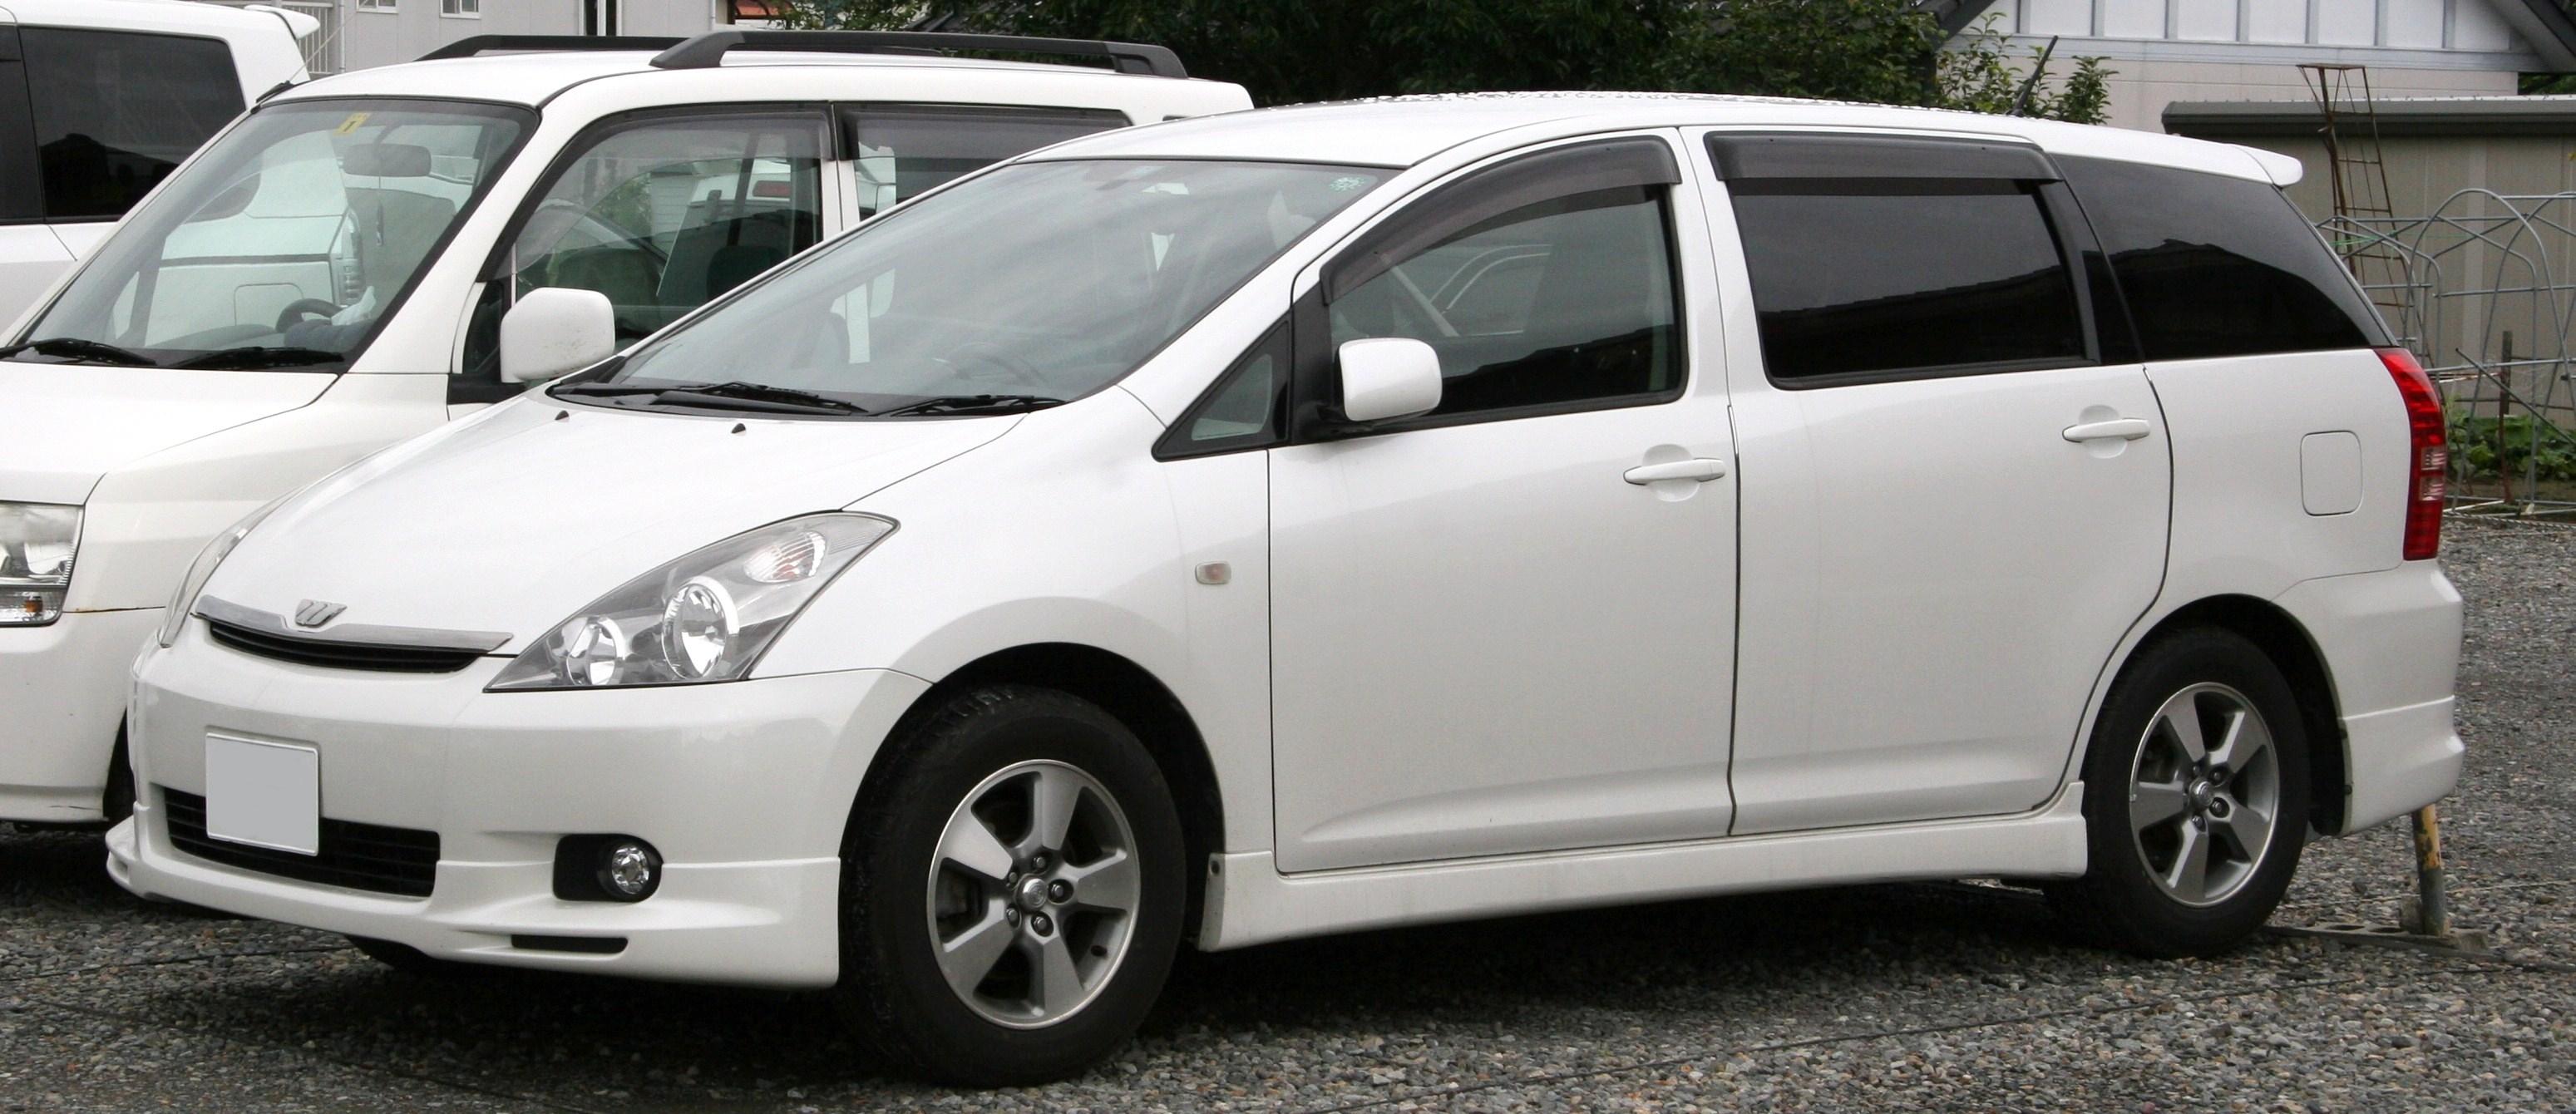 Toyota Wish I 2003 - 2005 Compact MPV #3